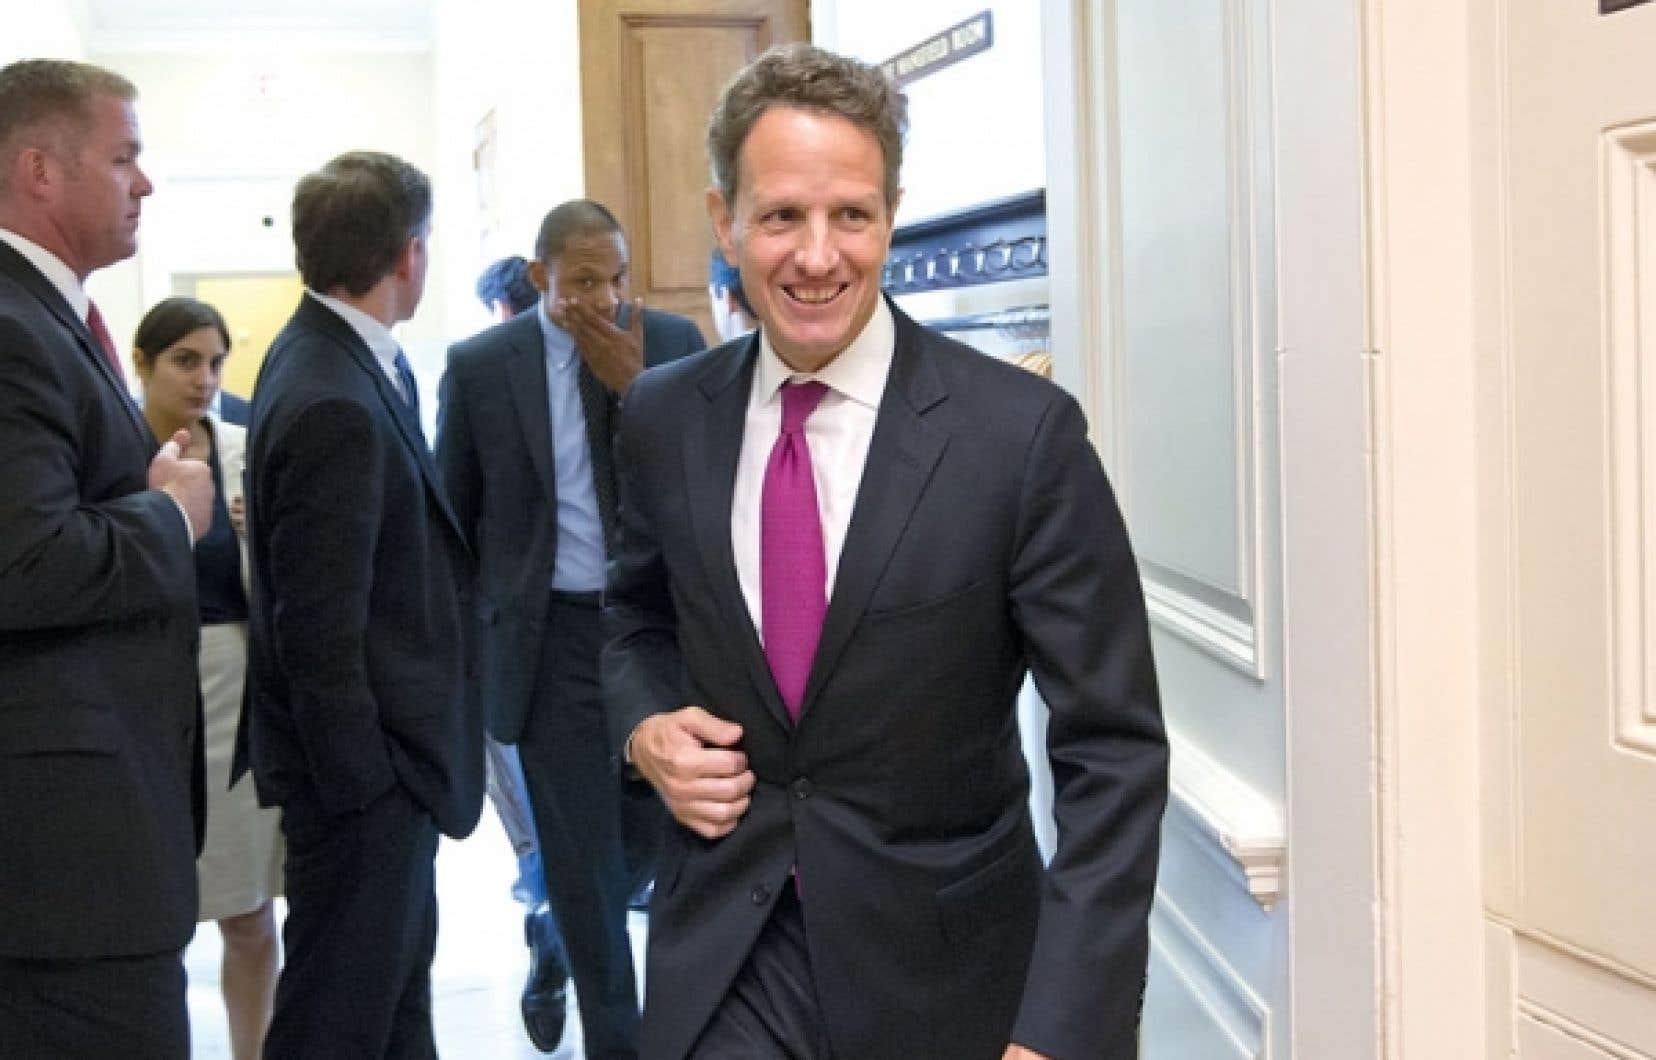 Le secrétaire américain au Trésor, Timothy Geithner, à sa sortie hier d'une rencontre à huis clos avec des sénateurs démocrates.